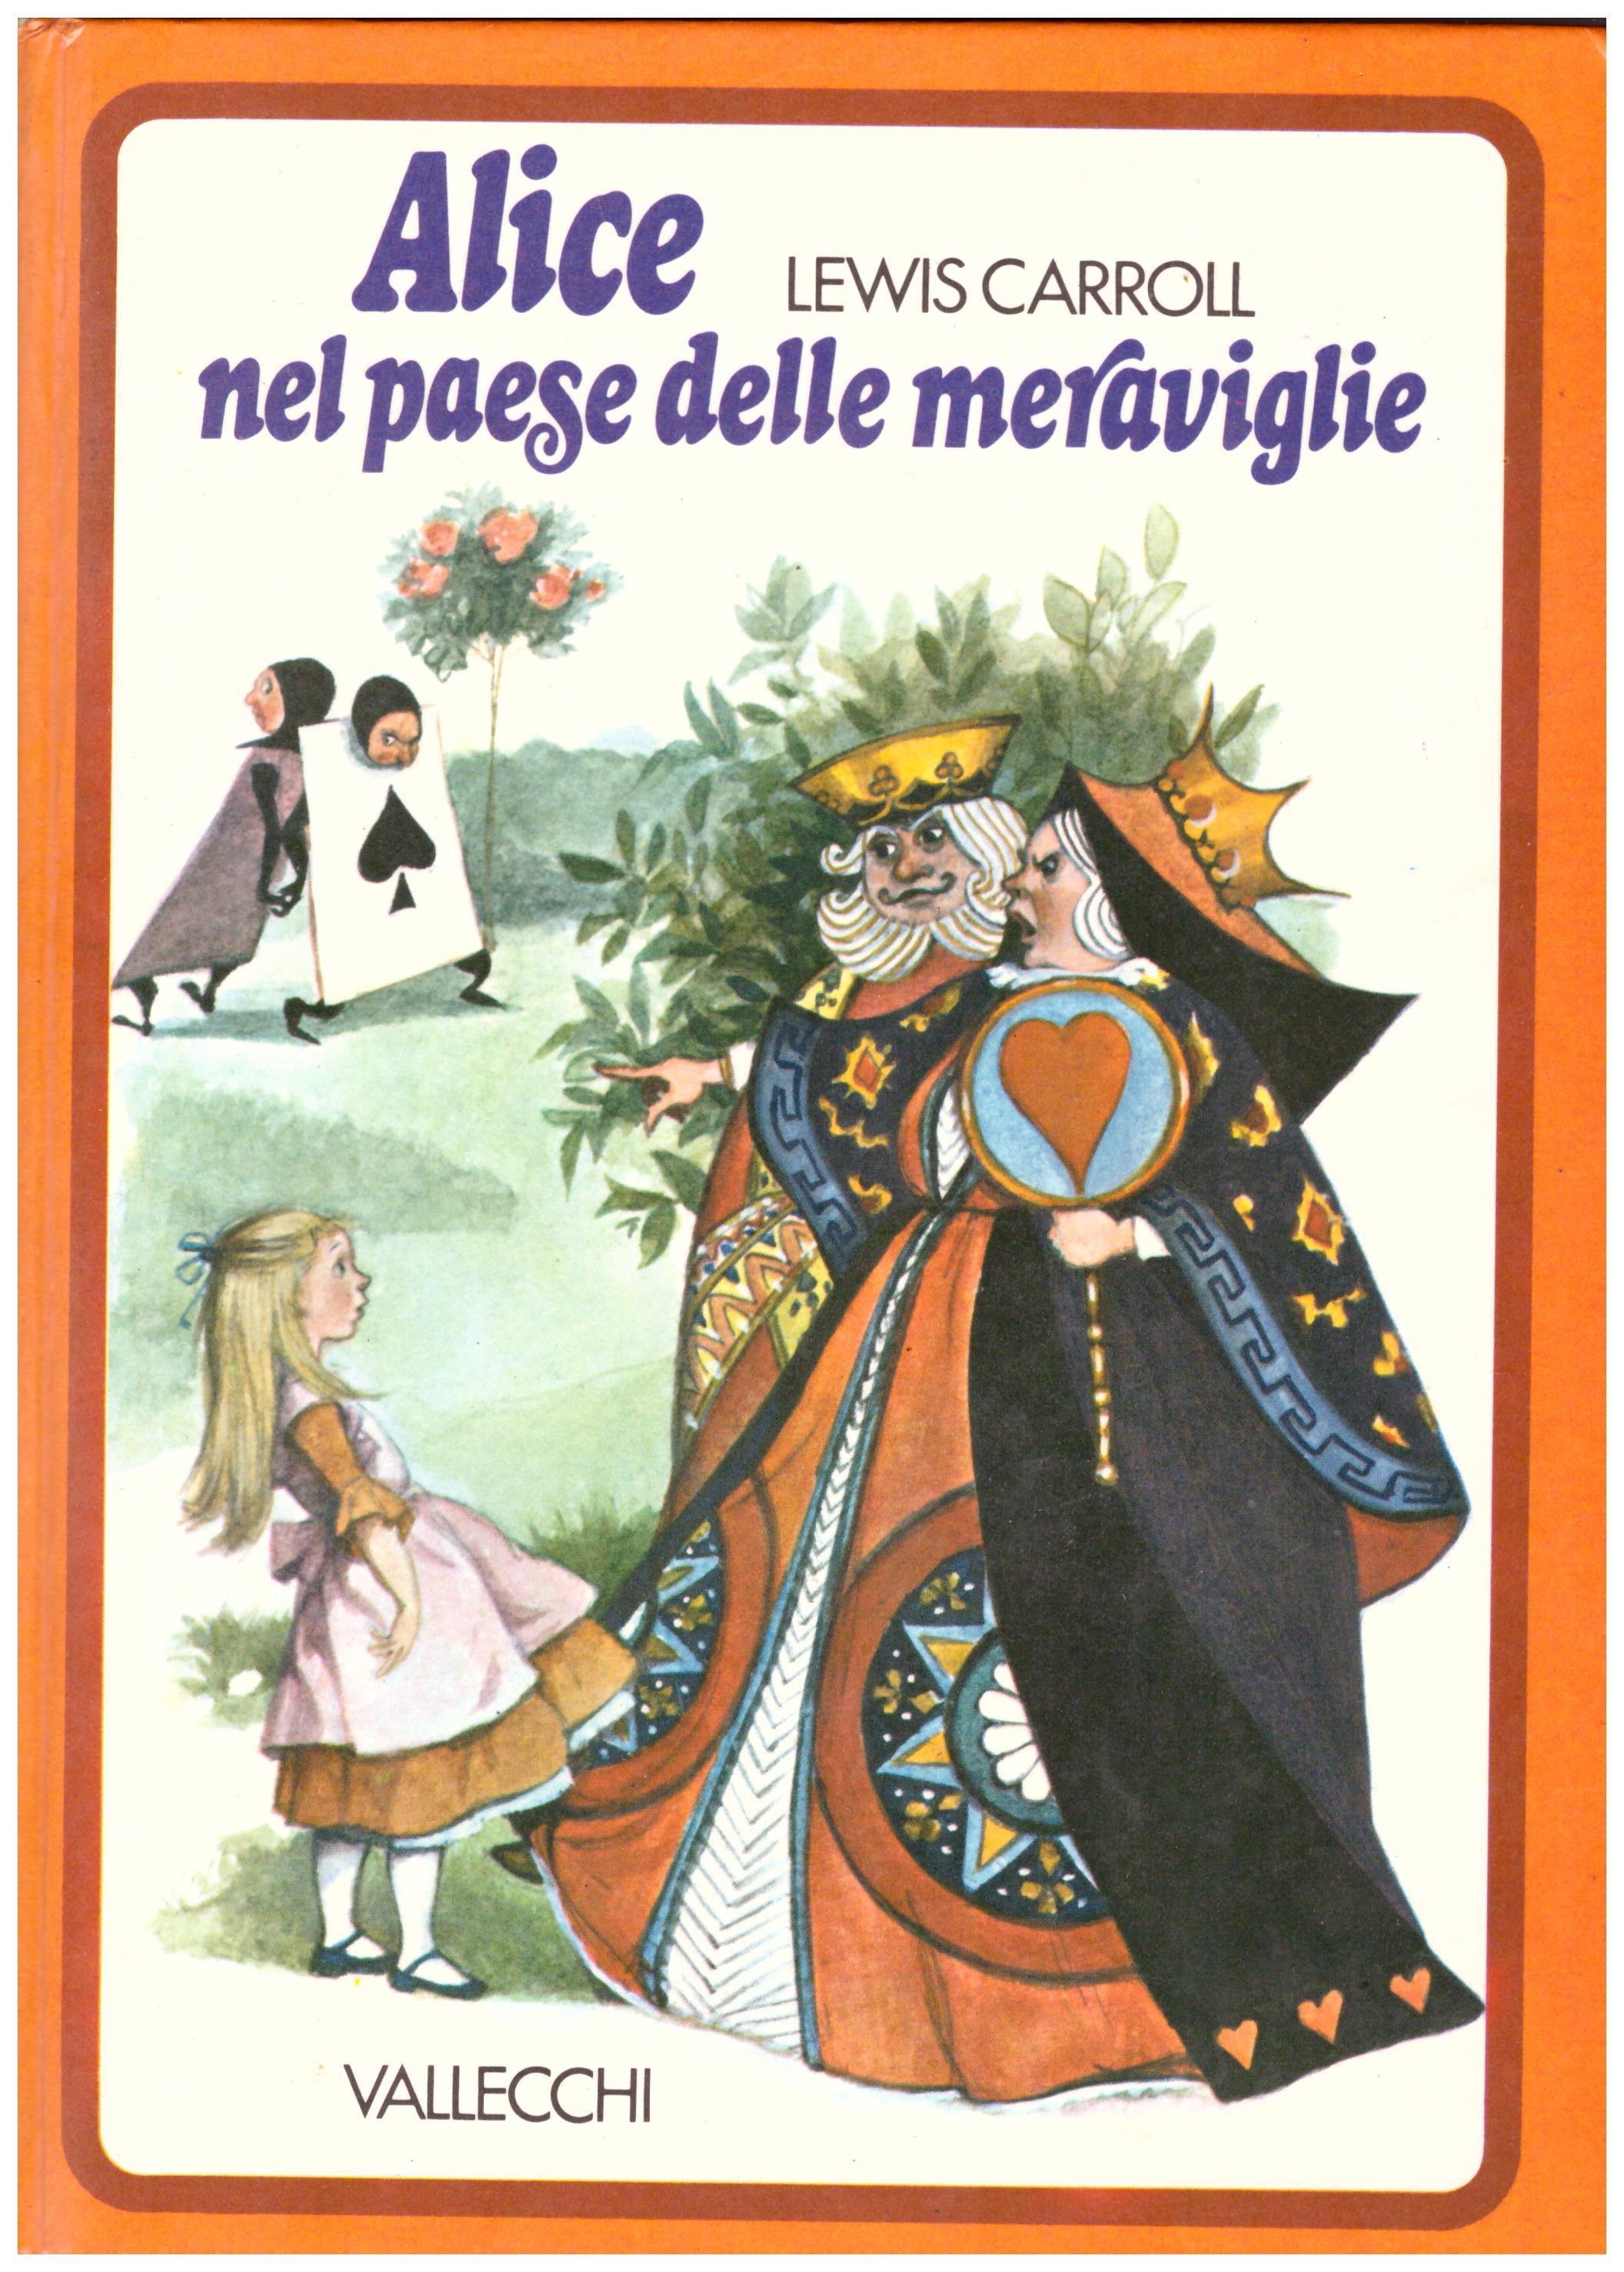 Titolo: Alice nel paese delle meraviglie Autore: lewis Carrol Editore: Vallecchi, 1974